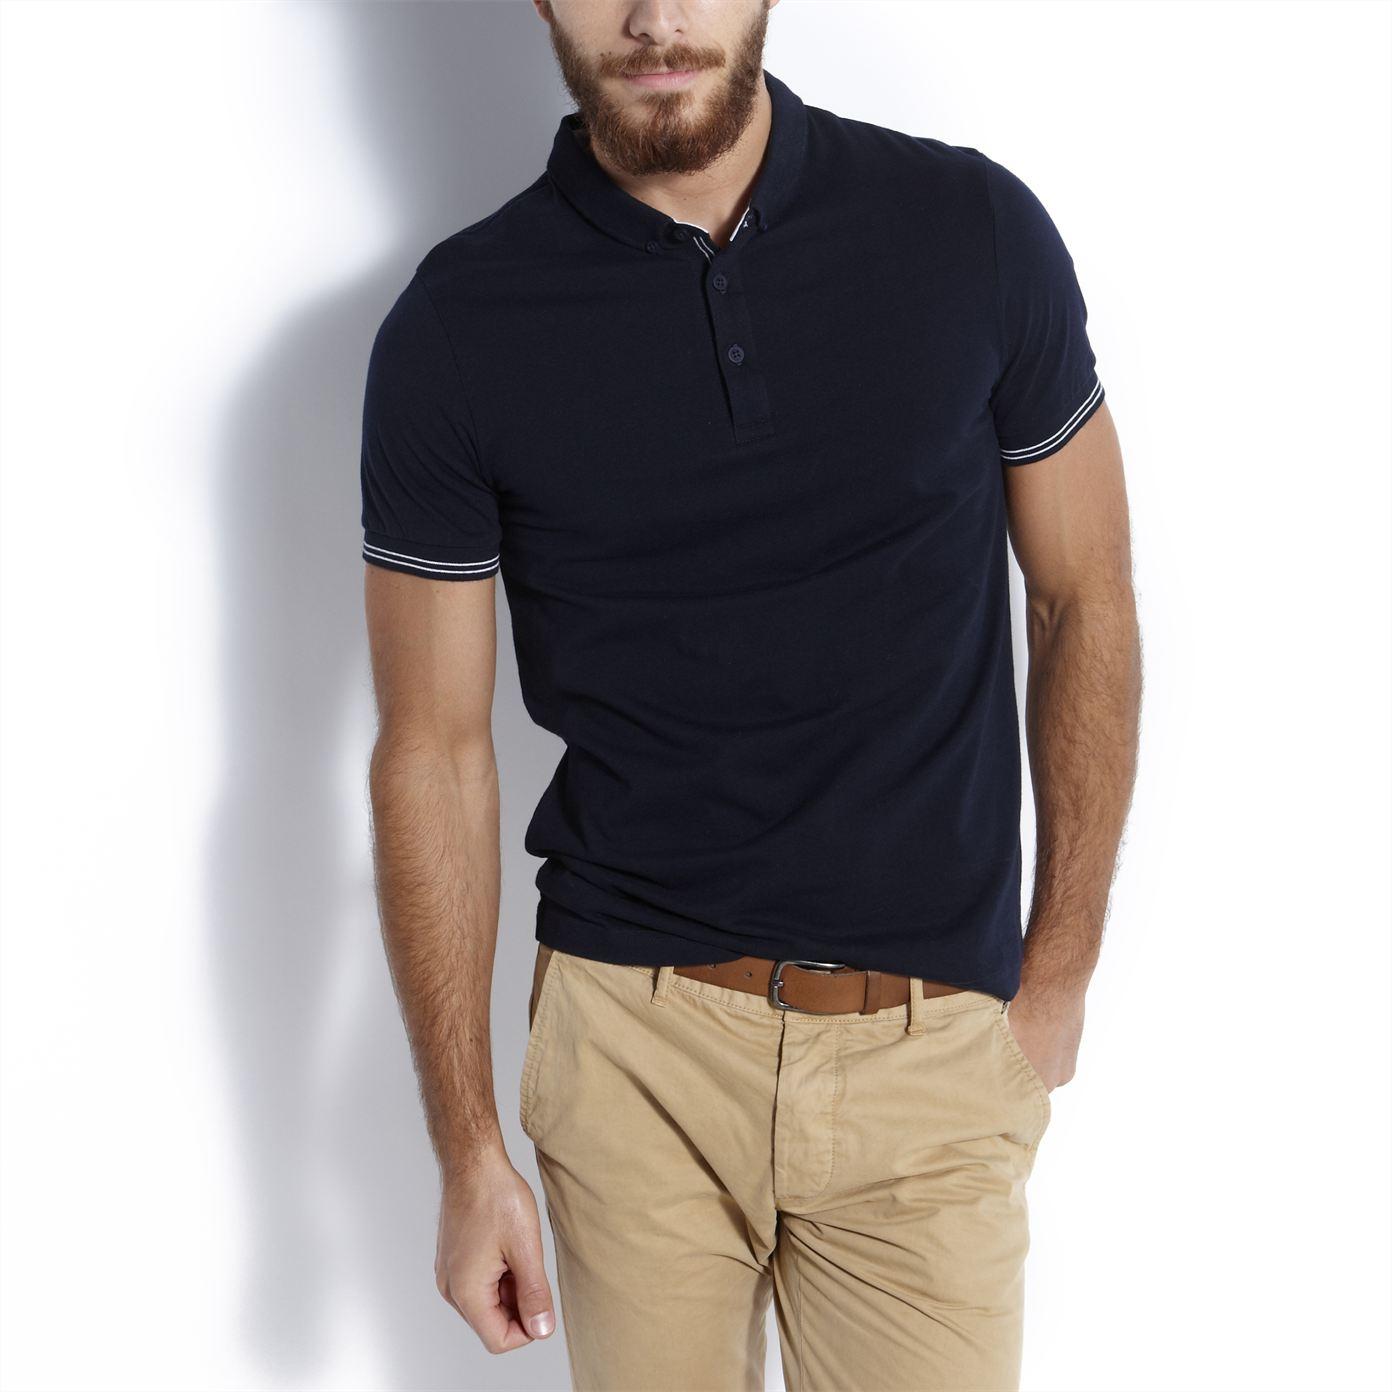 Polo1-5-articles-de-vêtements-intemporels